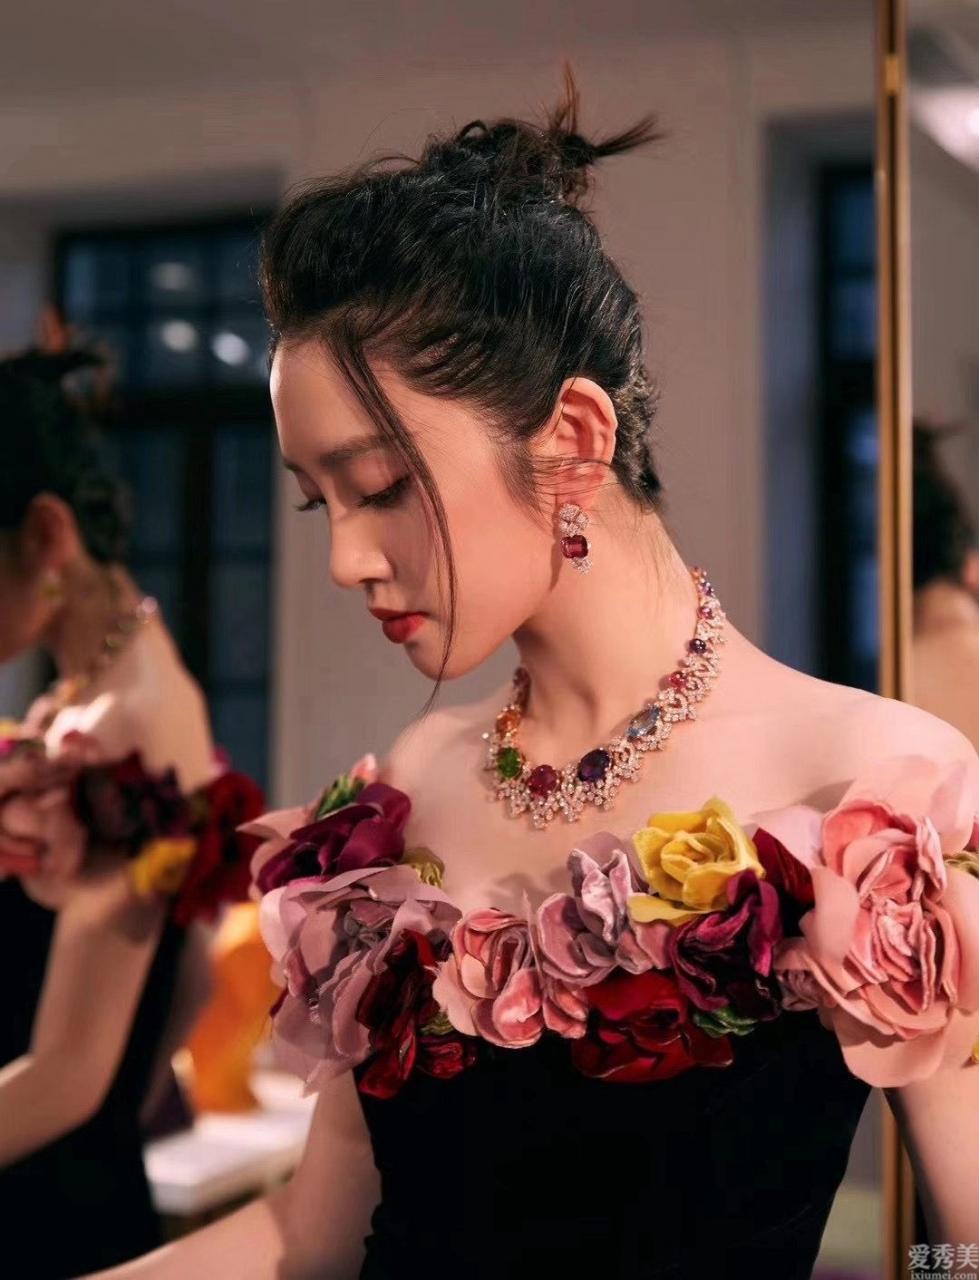 奢侈的珠寶首飾套鏈比頸鏈的質量更難,選石更嚴苛,變成最絢麗多彩的存有